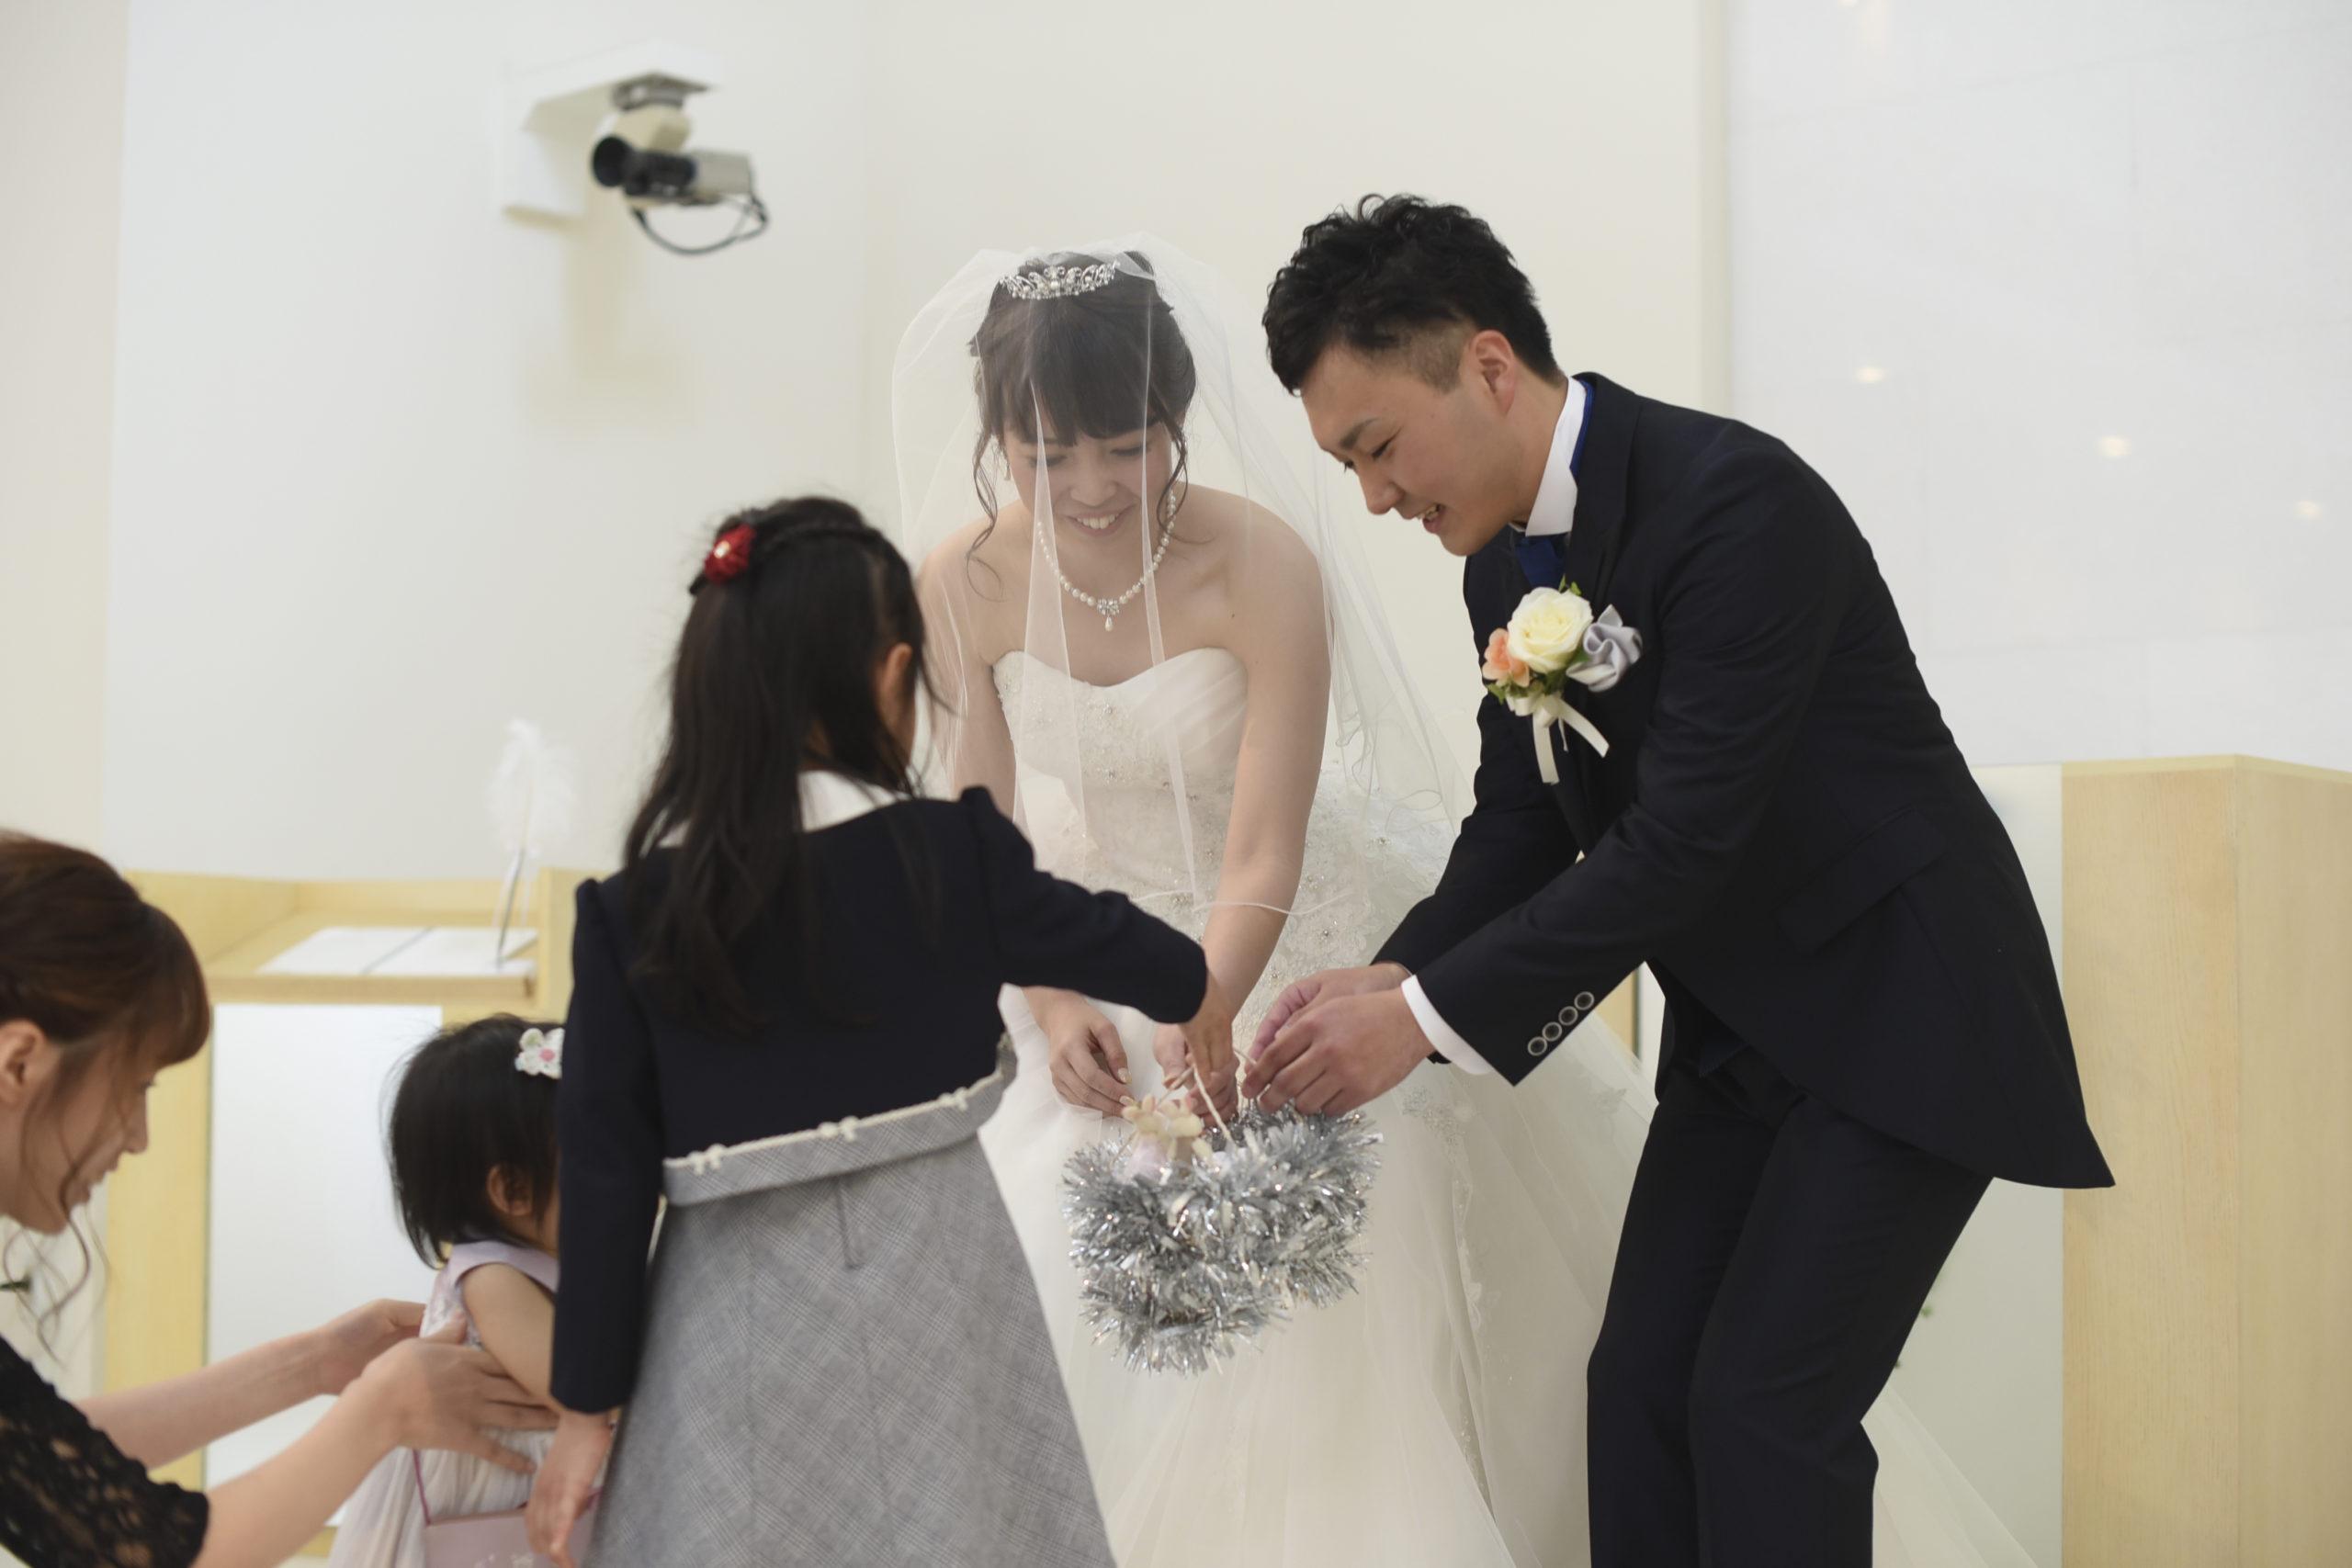 徳島市の結婚式場ブランアンジュでリングガールから指輪を受け取る新郎新婦様